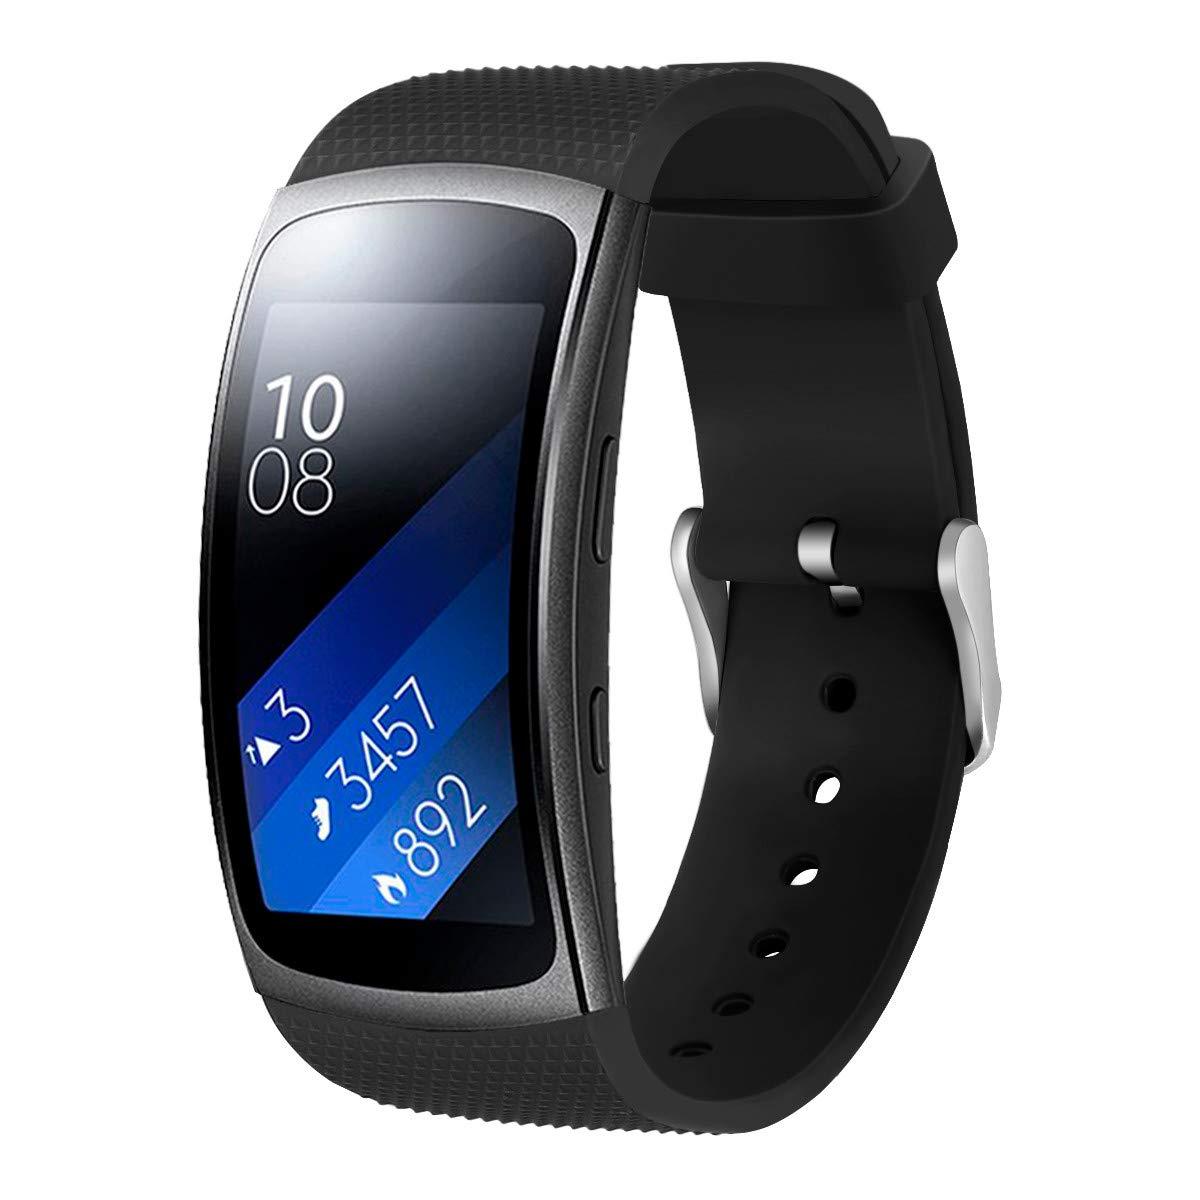 Pulsera Watch para Hombre y Mujer Silicona Brazalete Suave Strap Reloj de Poroso Wristbands Deportiva Bandas de Reemplazo Cadena: Amazon.es: Relojes